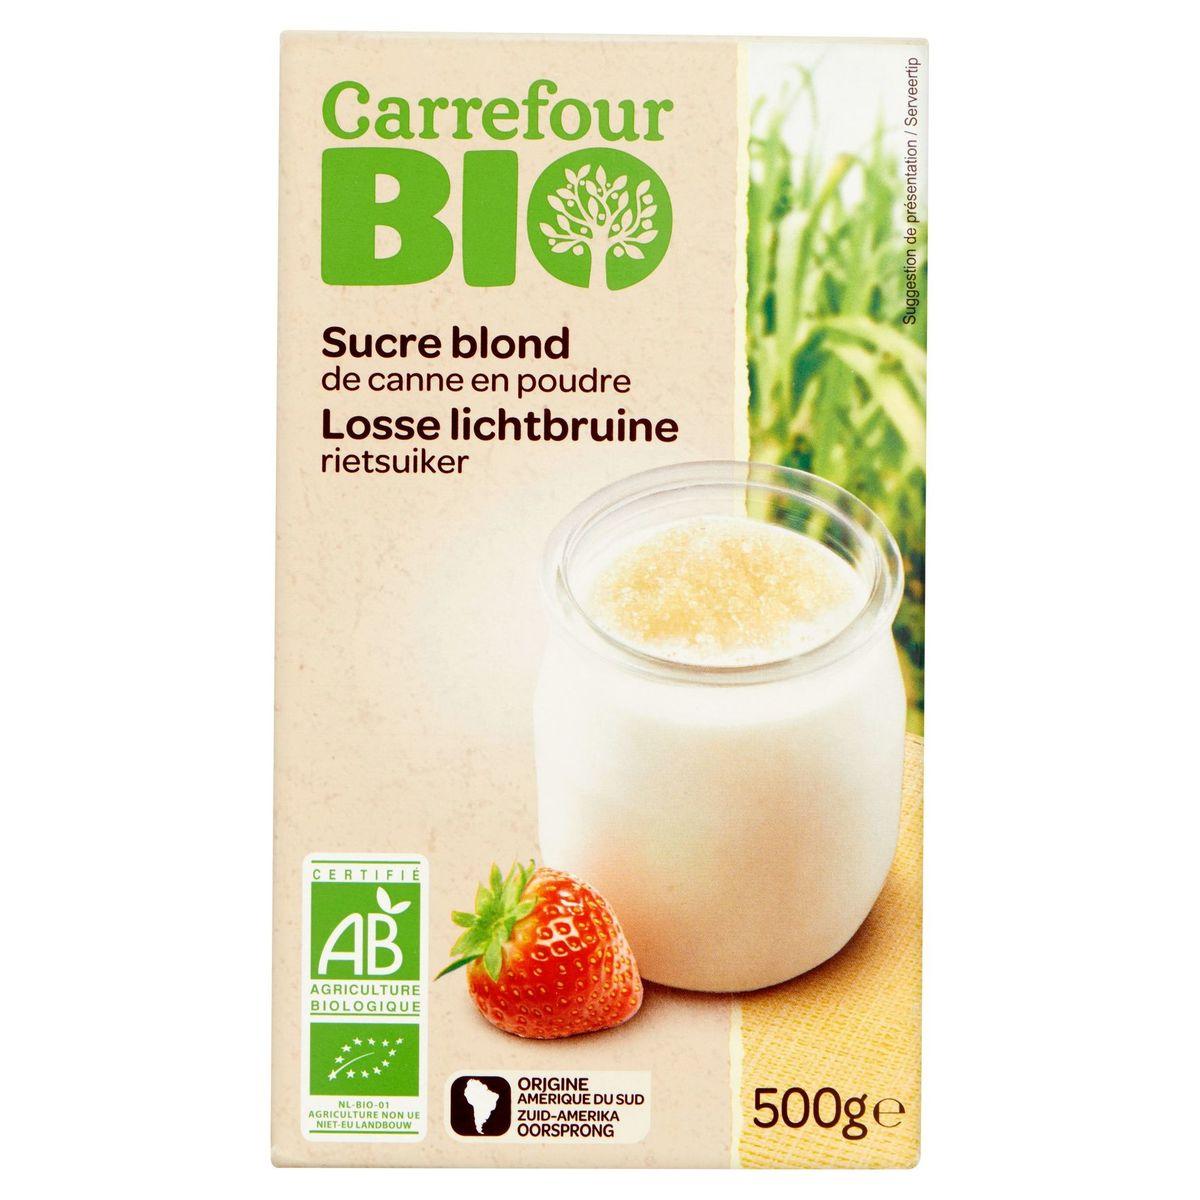 Carrefour Bio Sucre Blond de Canne en Poudre 500 g